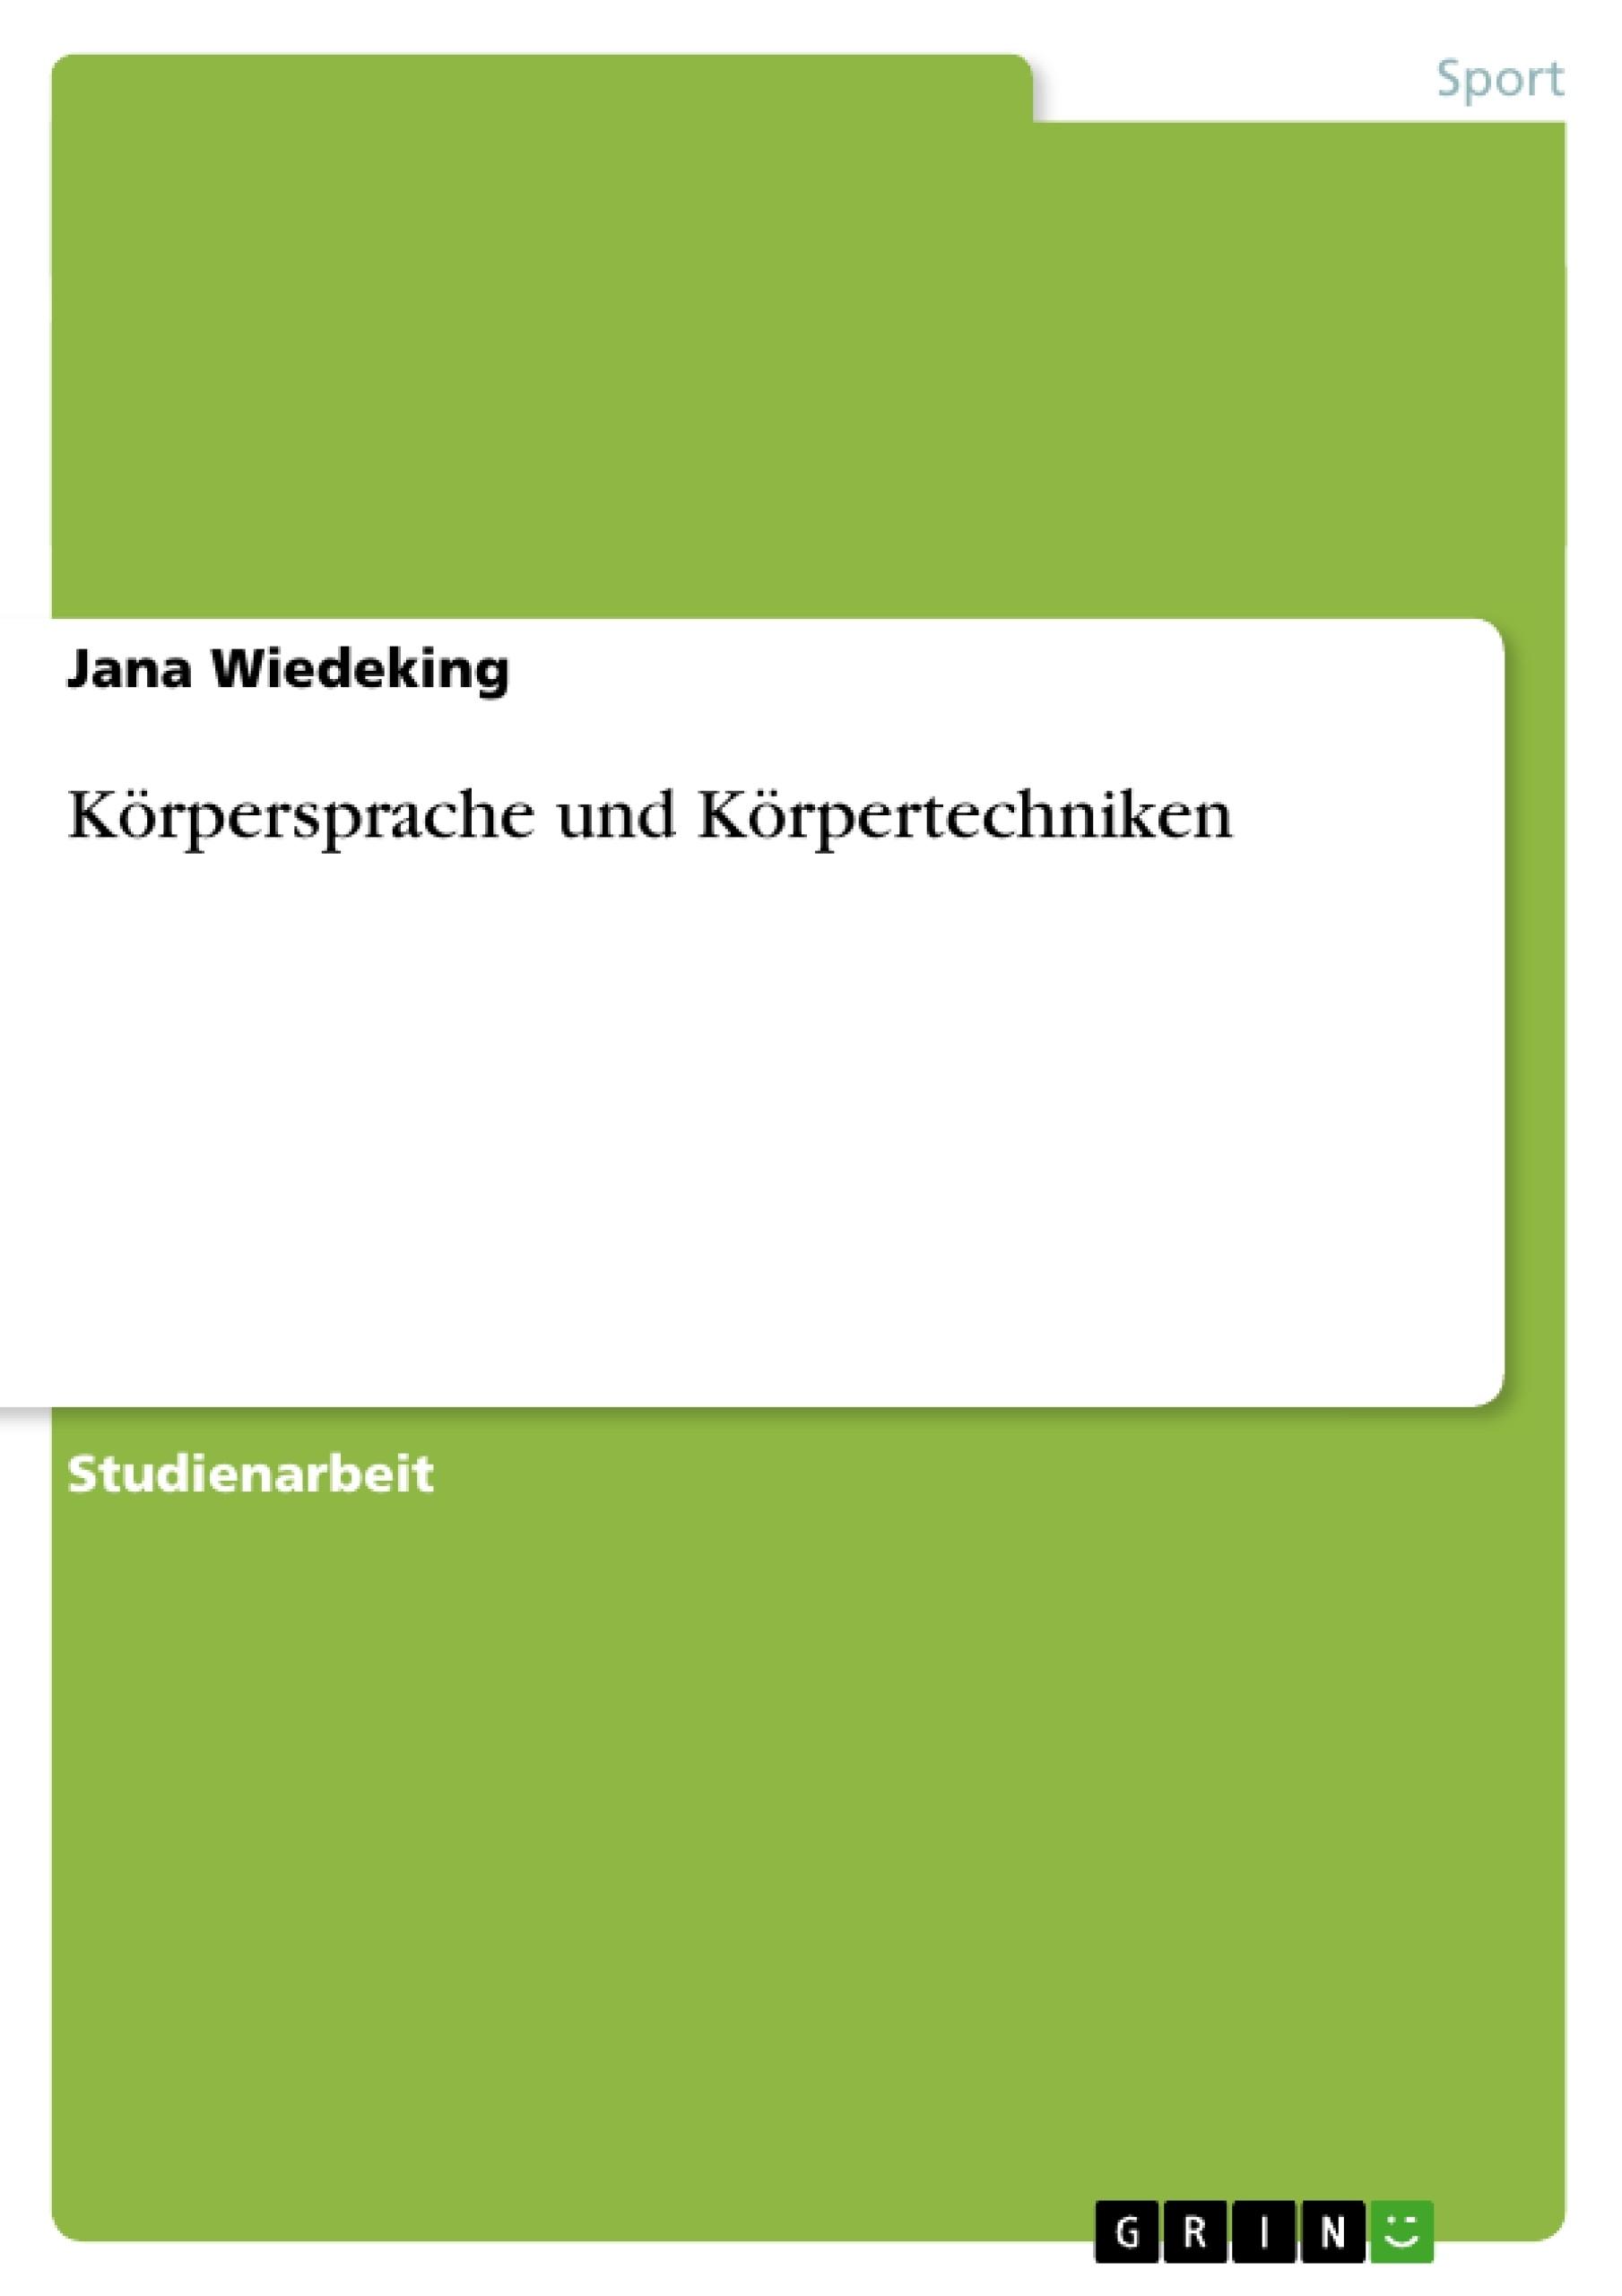 Titel: Körpersprache und Körpertechniken